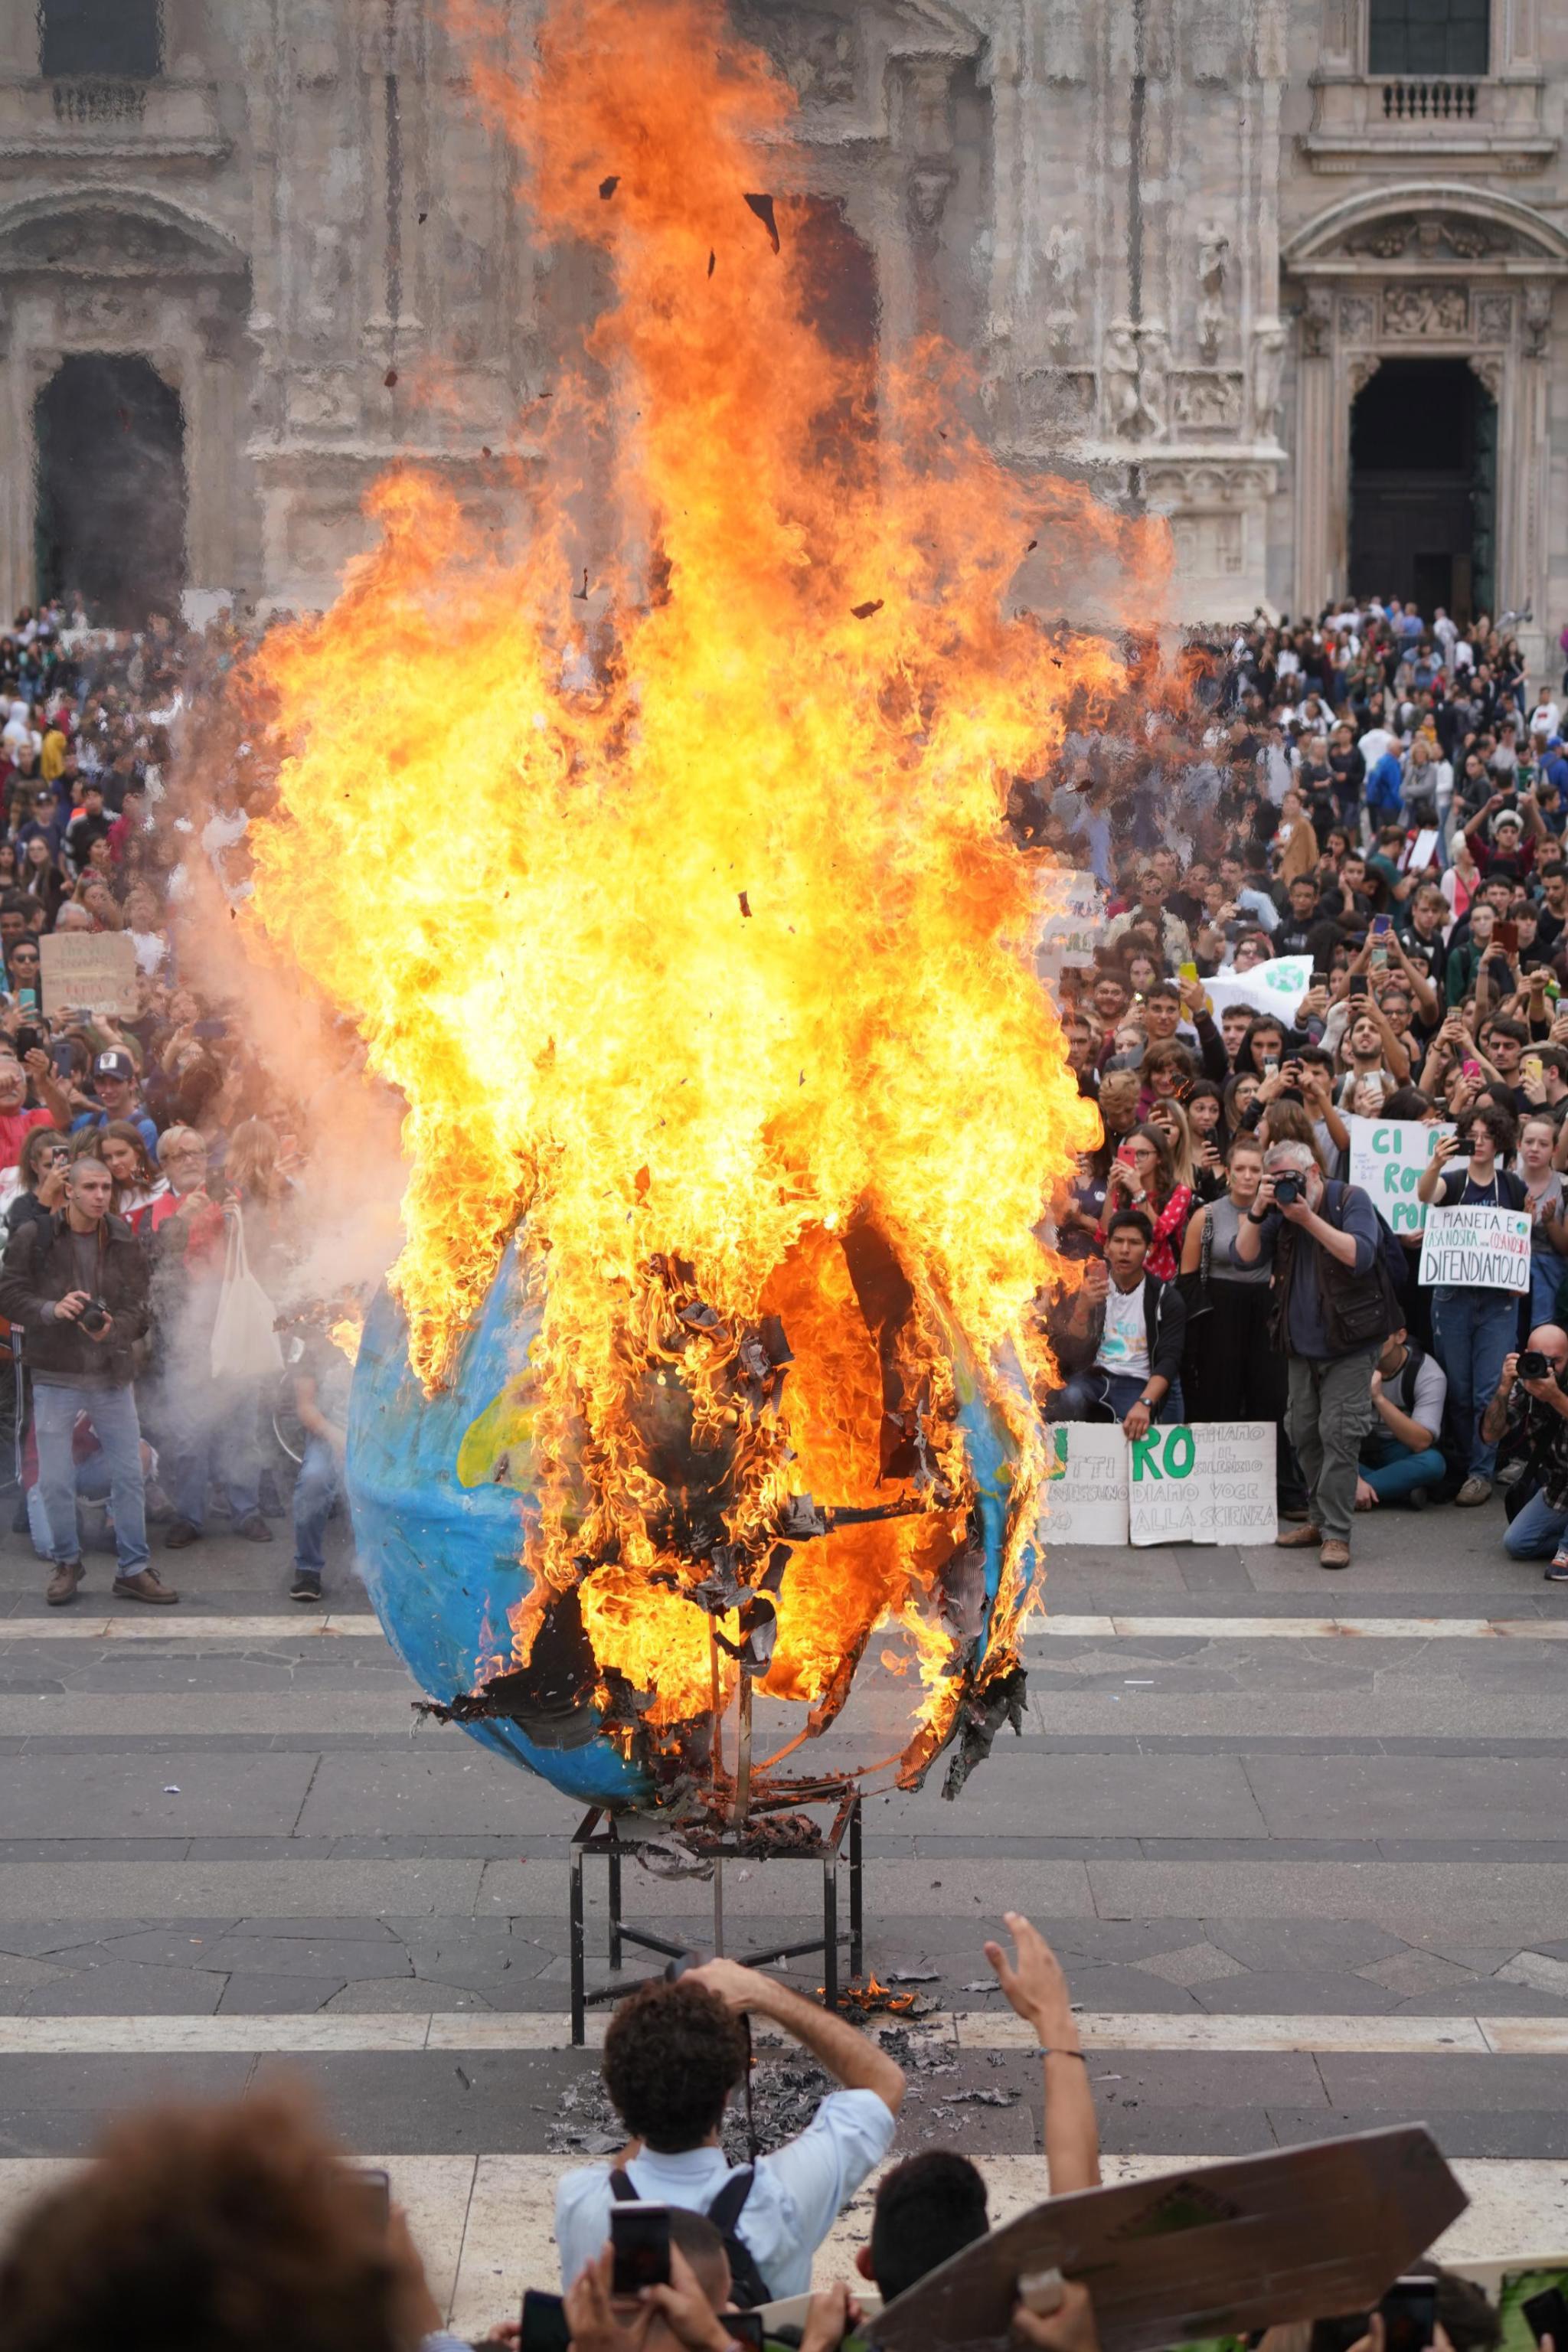 27일(현지시간) 이탈리아 밀라노에서 열린 기후변화 대응 집회에 참여한 시민들이 지구 온난화에 대한 위기감을 고조시키기 위해 지구본 모형을 불태우고 있다. 이날 전세계 곳곳에서 기후변화에 대응을 촉구하는 집회가 동시에 열렸다. [EPA=연합뉴스]